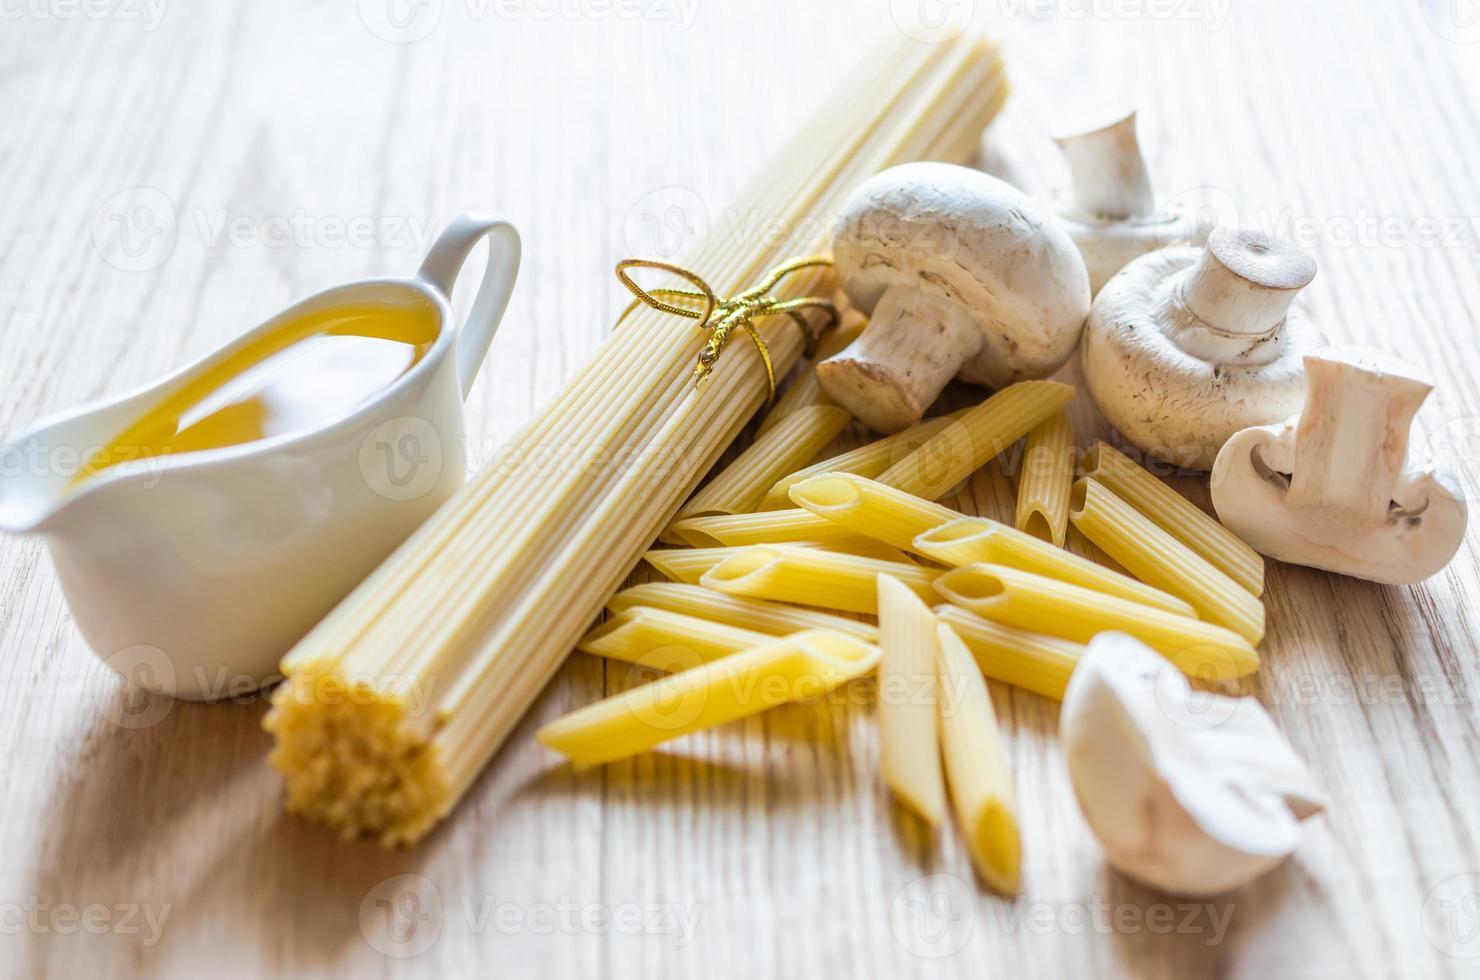 spaghetti et penne aux ingrédients de pâtes photo